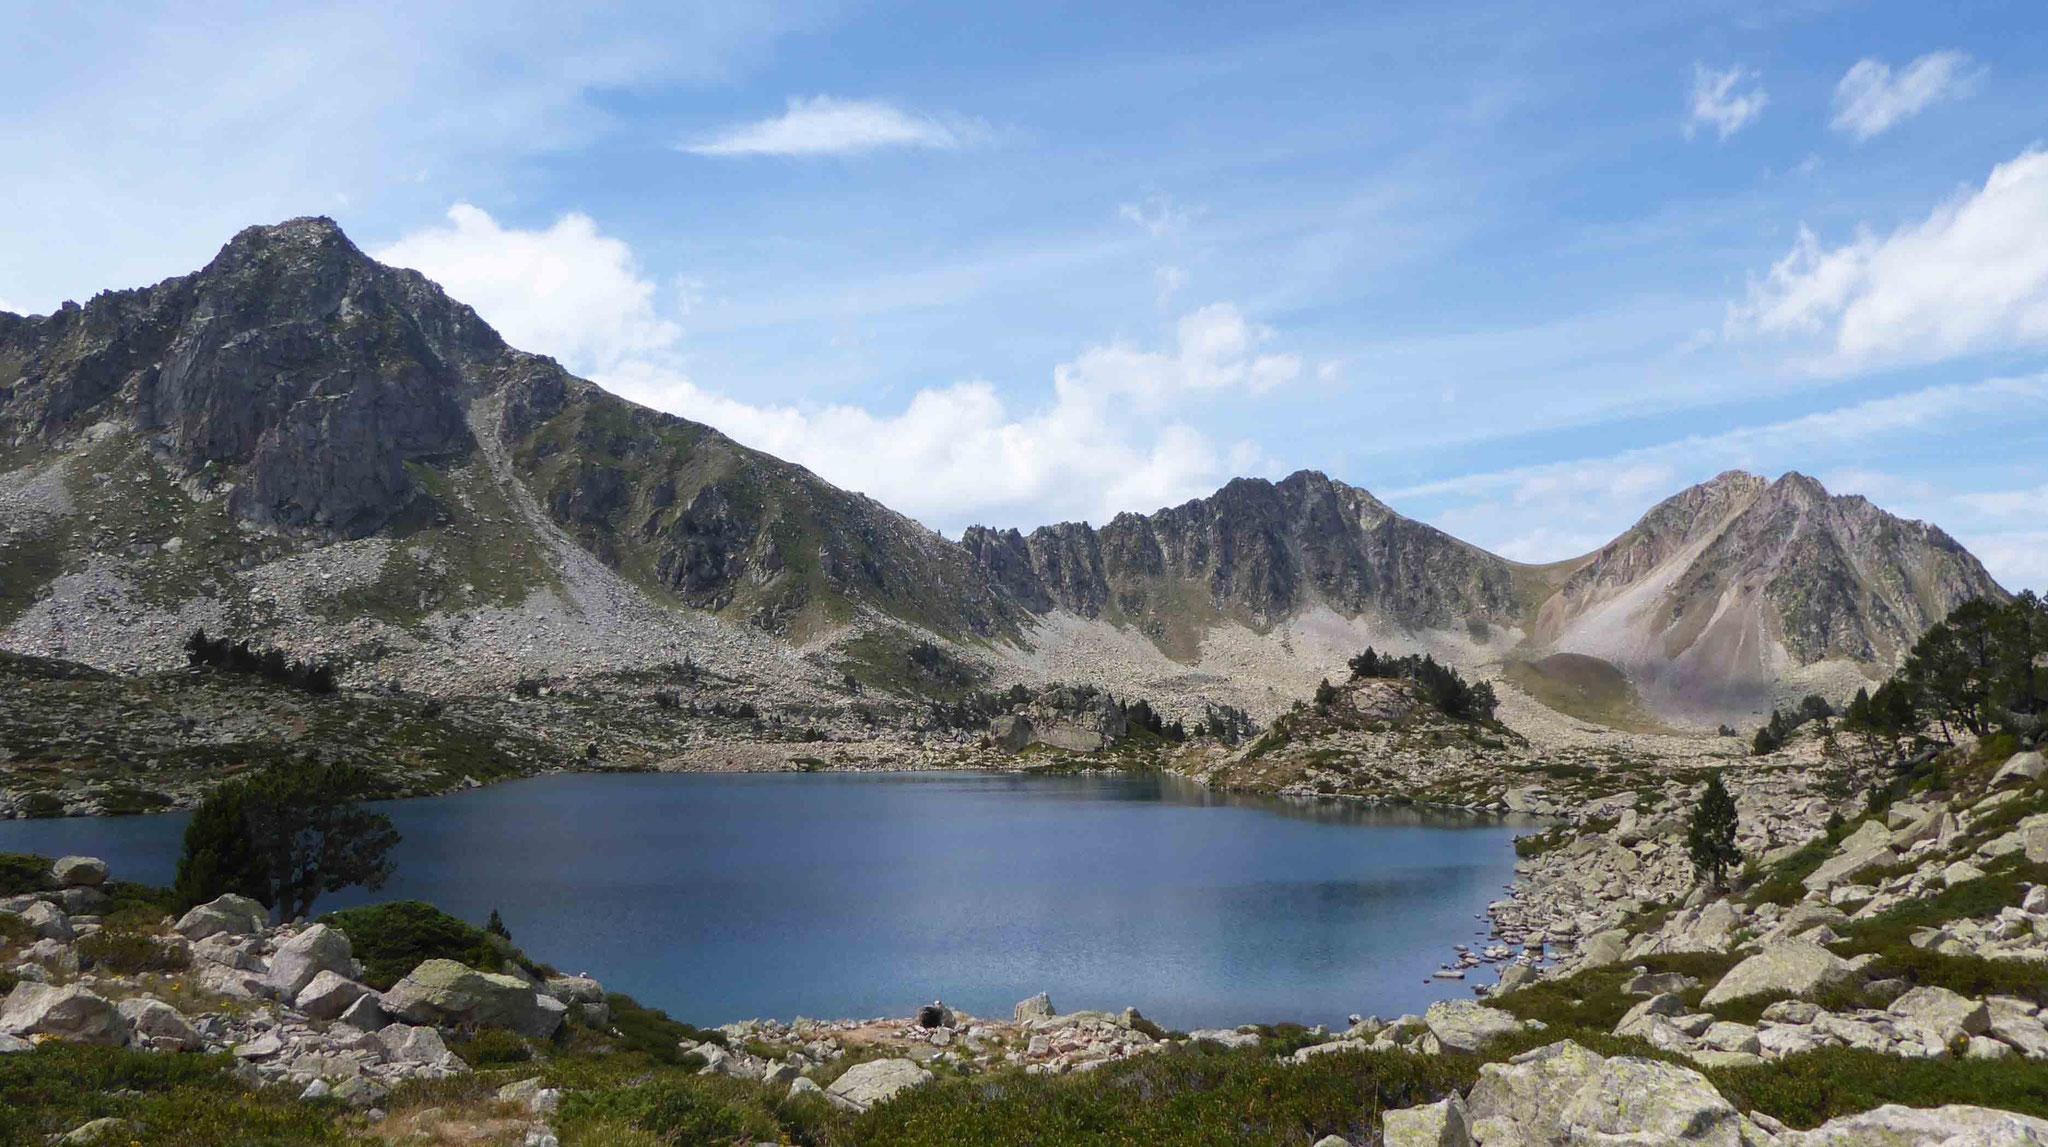 Le lac Nère d'origine glaciaire